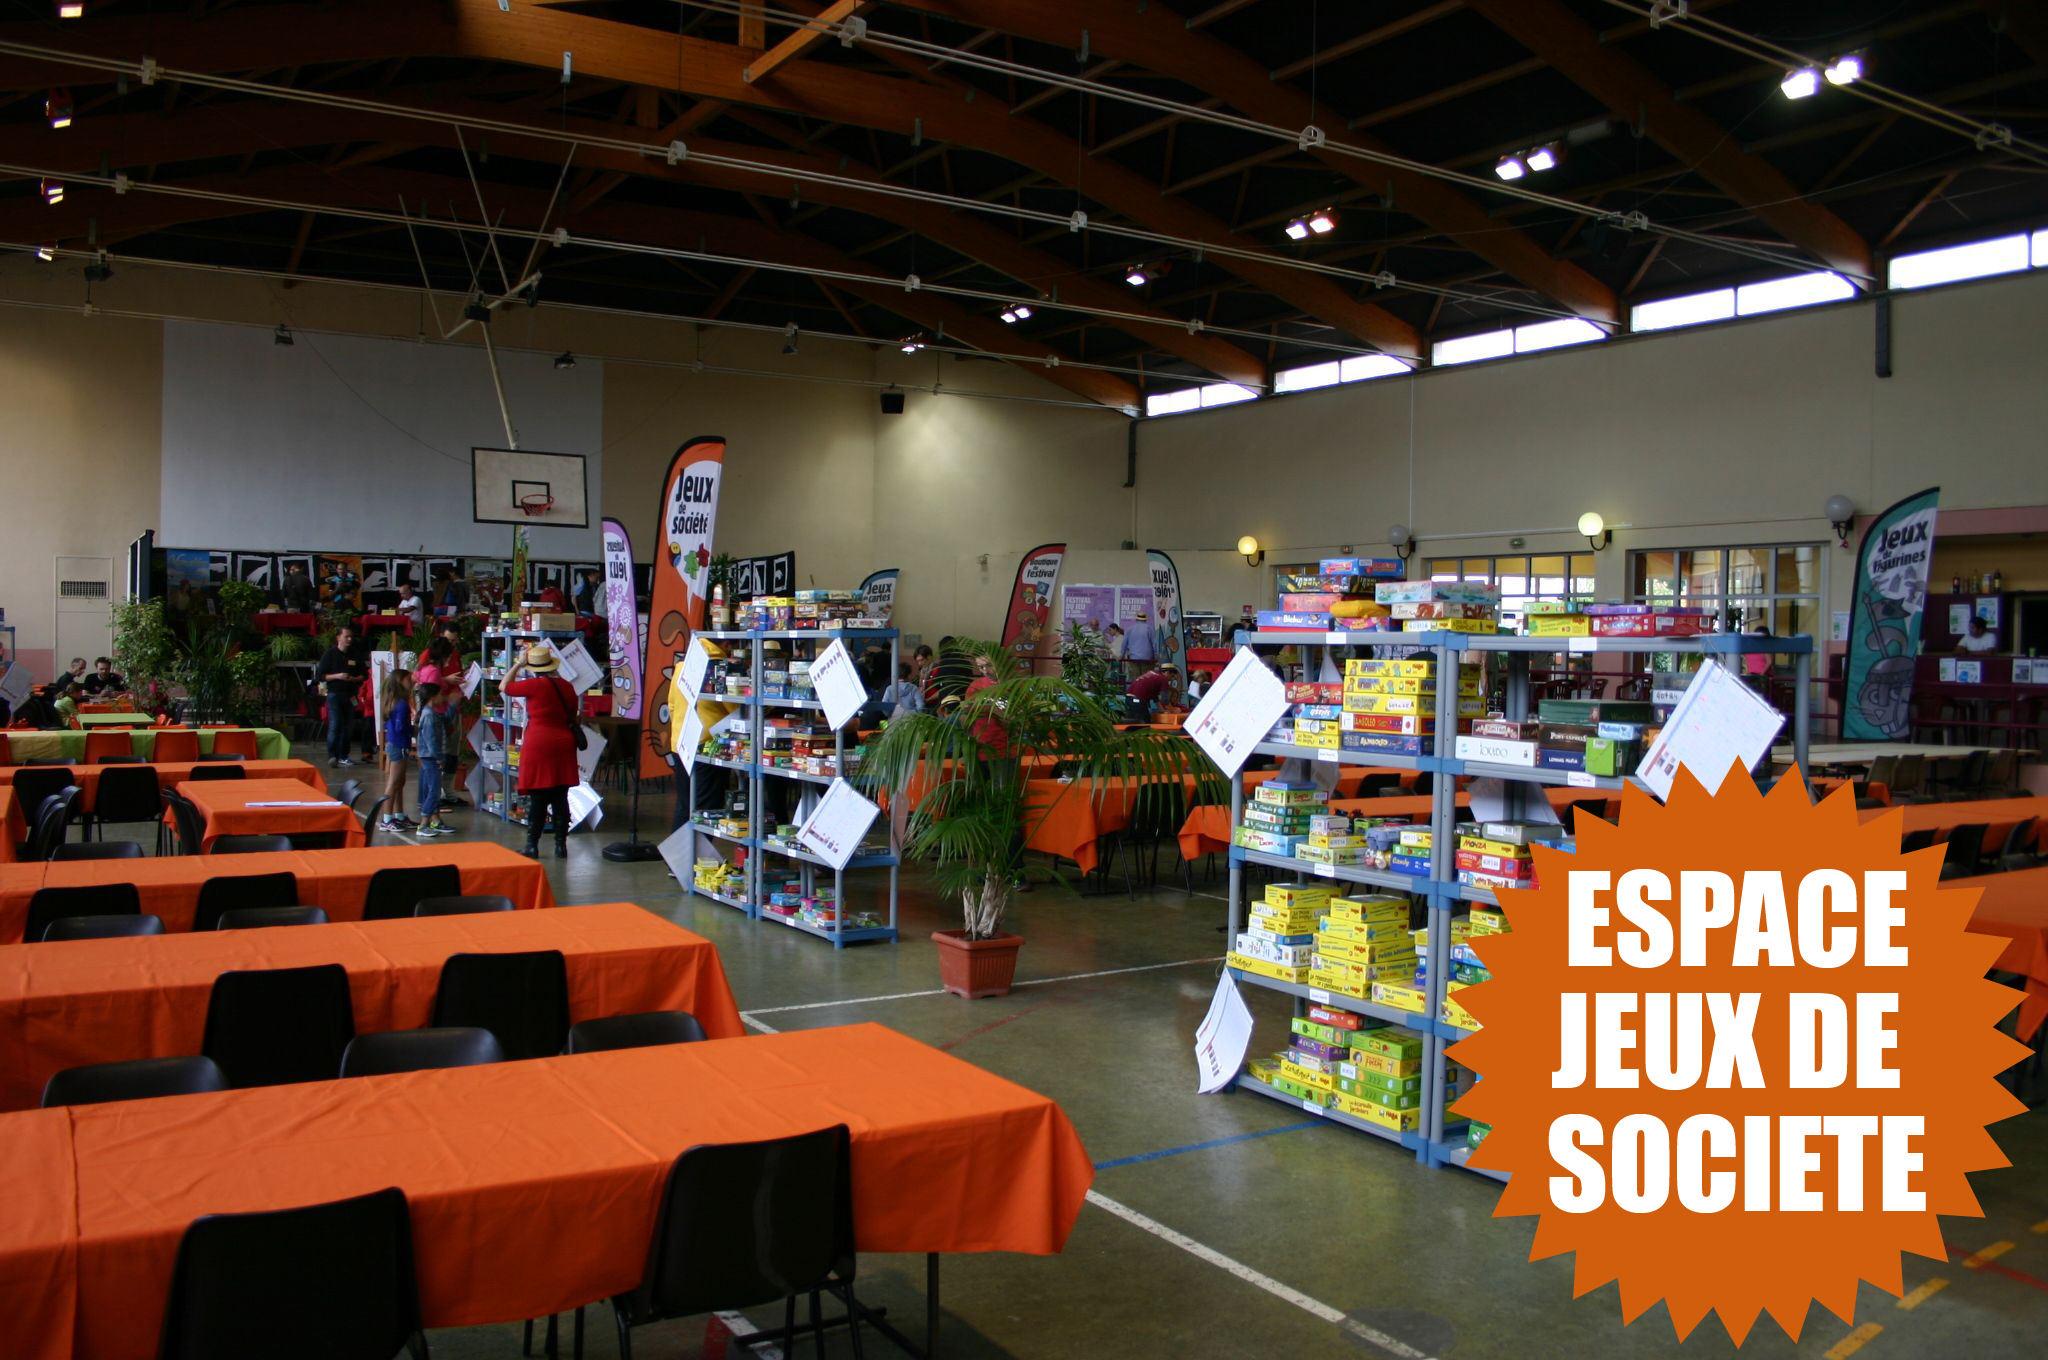 ESPACE JEUX DE SOCIETE